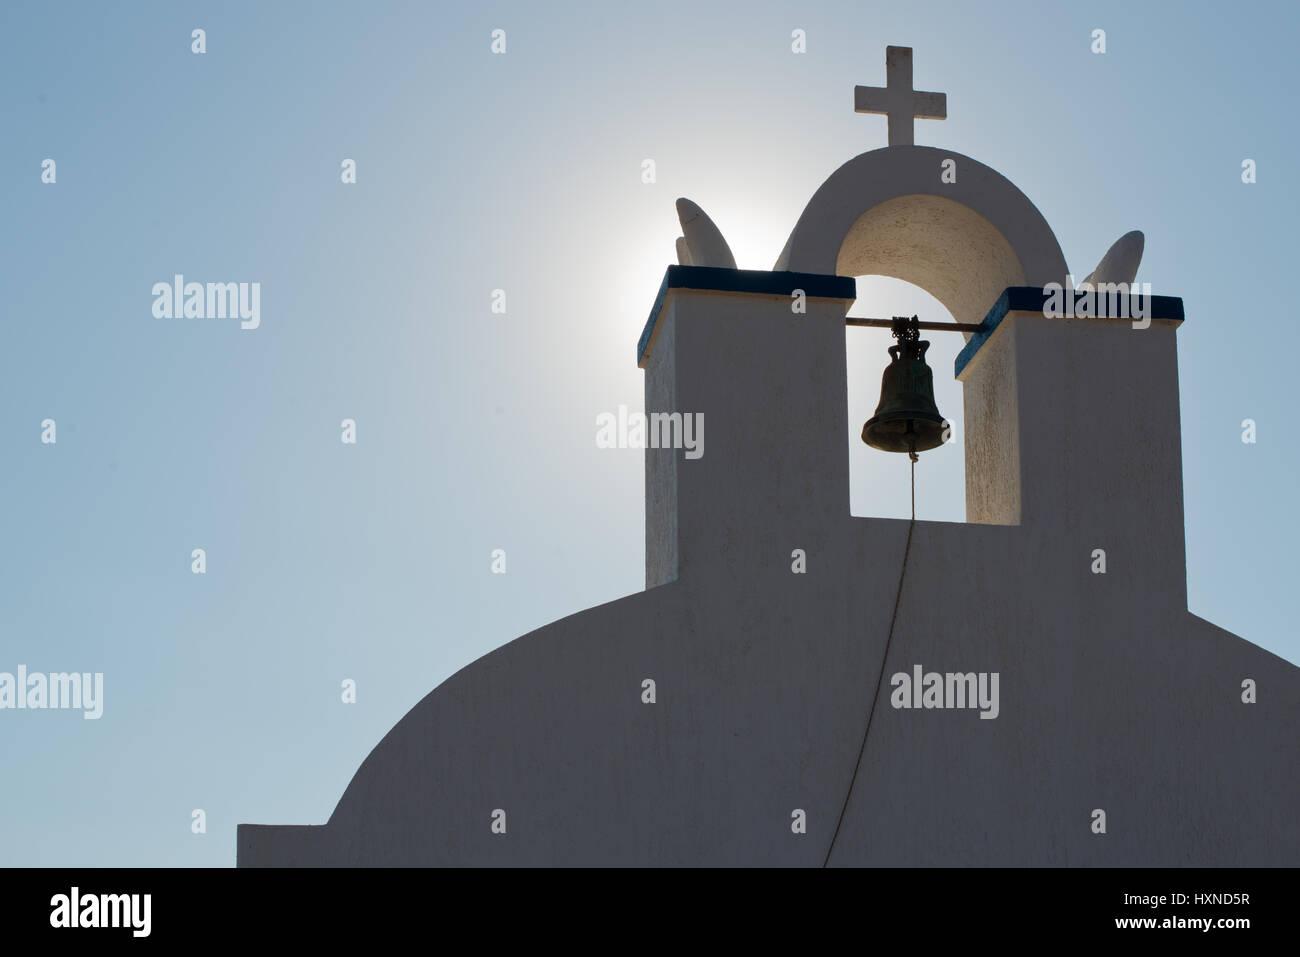 Glockenturm und Glocke einer Kapelle im Gegenlicht, Iraklia Insel, kleine Kykladen, Griechenland - Stock Image